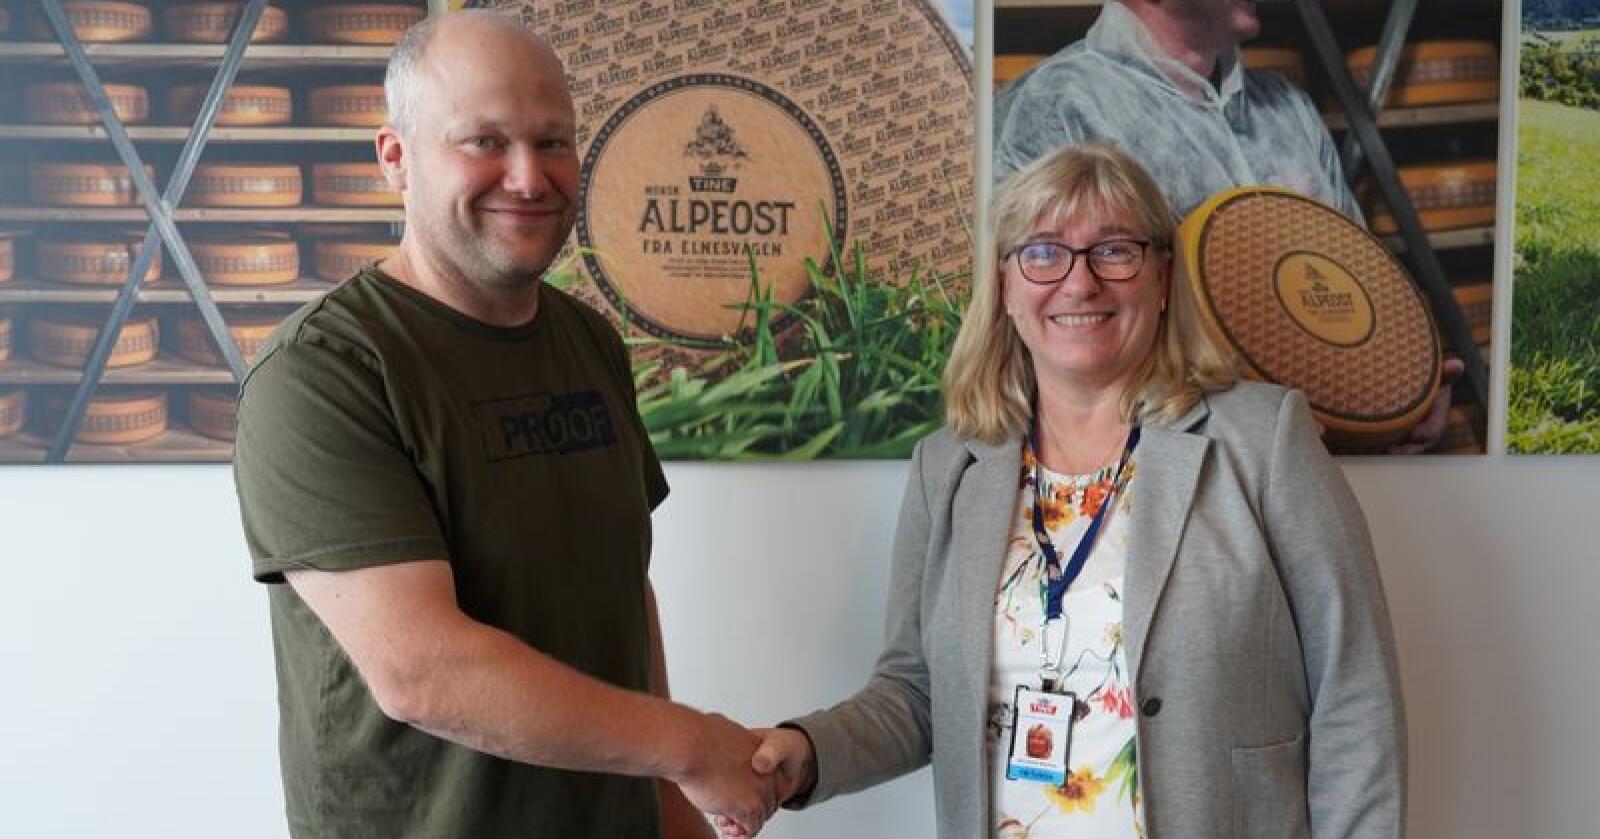 Jarle Rueslåtten i Norsk Gardsost og Ann-Norill Stennes i Tine har inngått en avtale som gir lokale osteprodusenter tilgang til flere tjenester hos Tine. Foto: Peder Buskenes/Tine